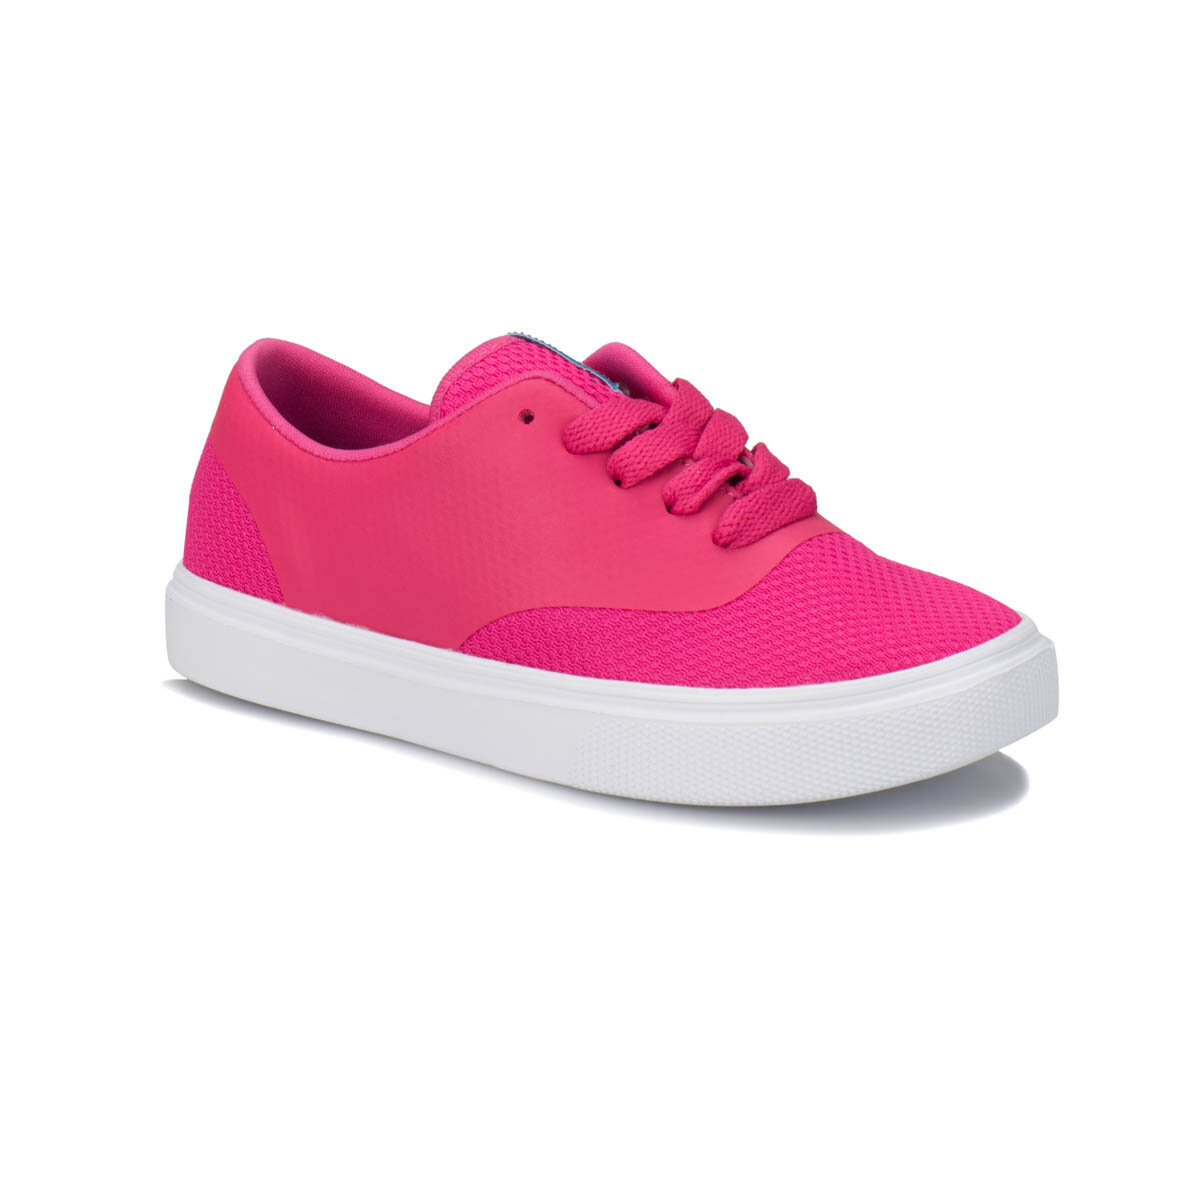 Fuşya Kız Çocuk Sneaker Ayakkabı GISELLA